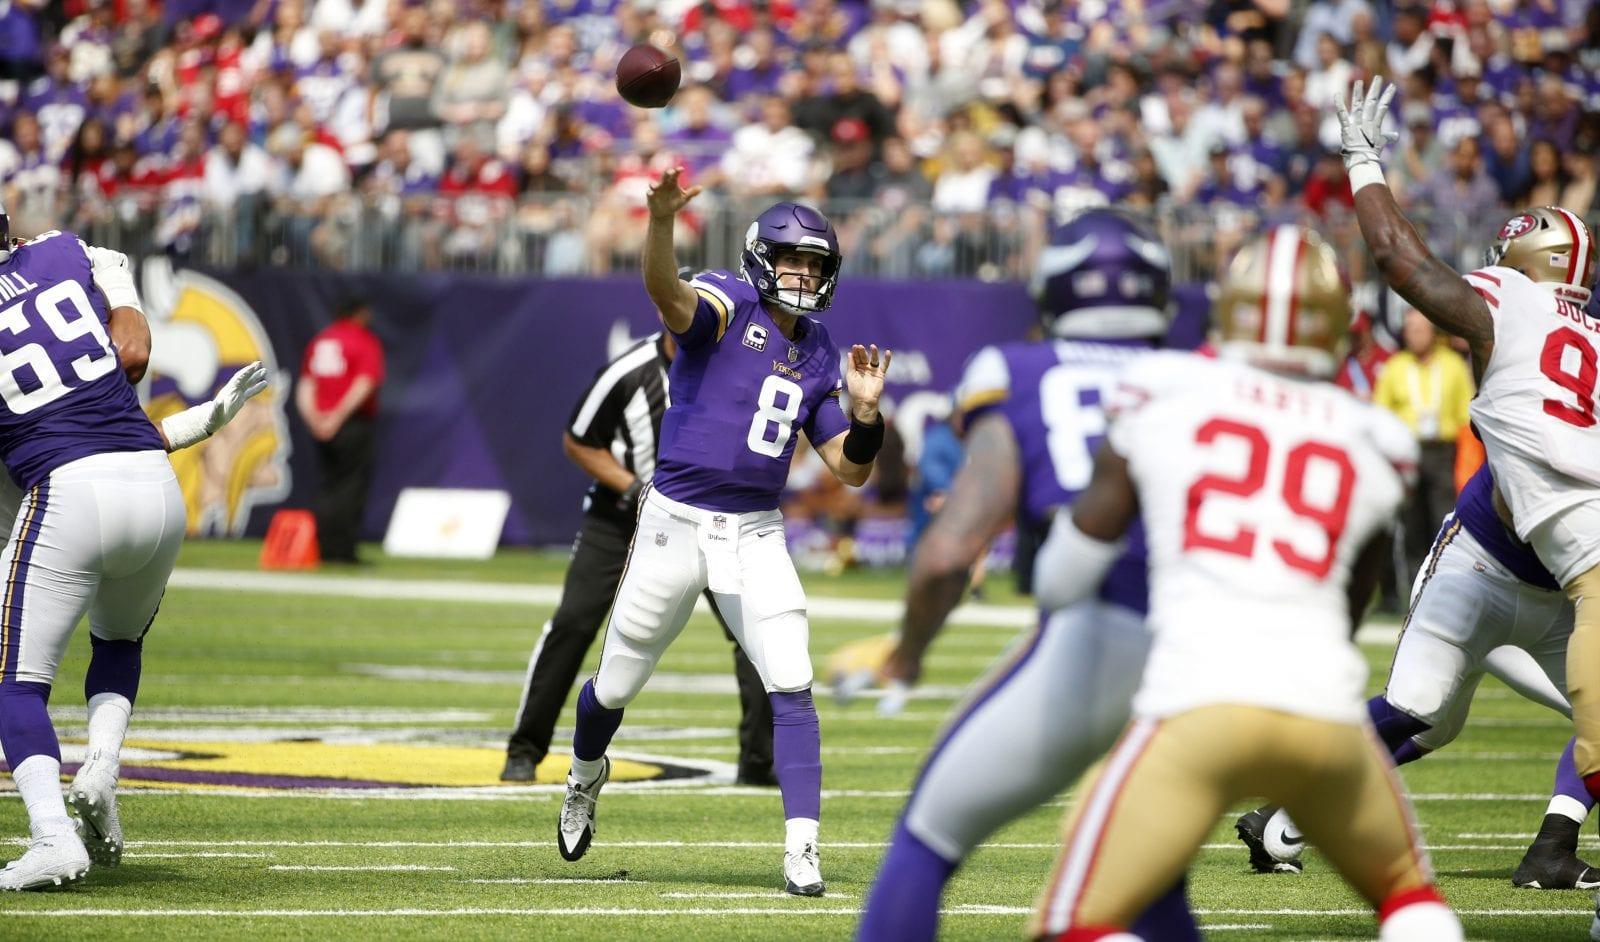 Case Keenum, Kirk Cousins star in Broncos, Vikings Week 1 wins - Sports Spectrum